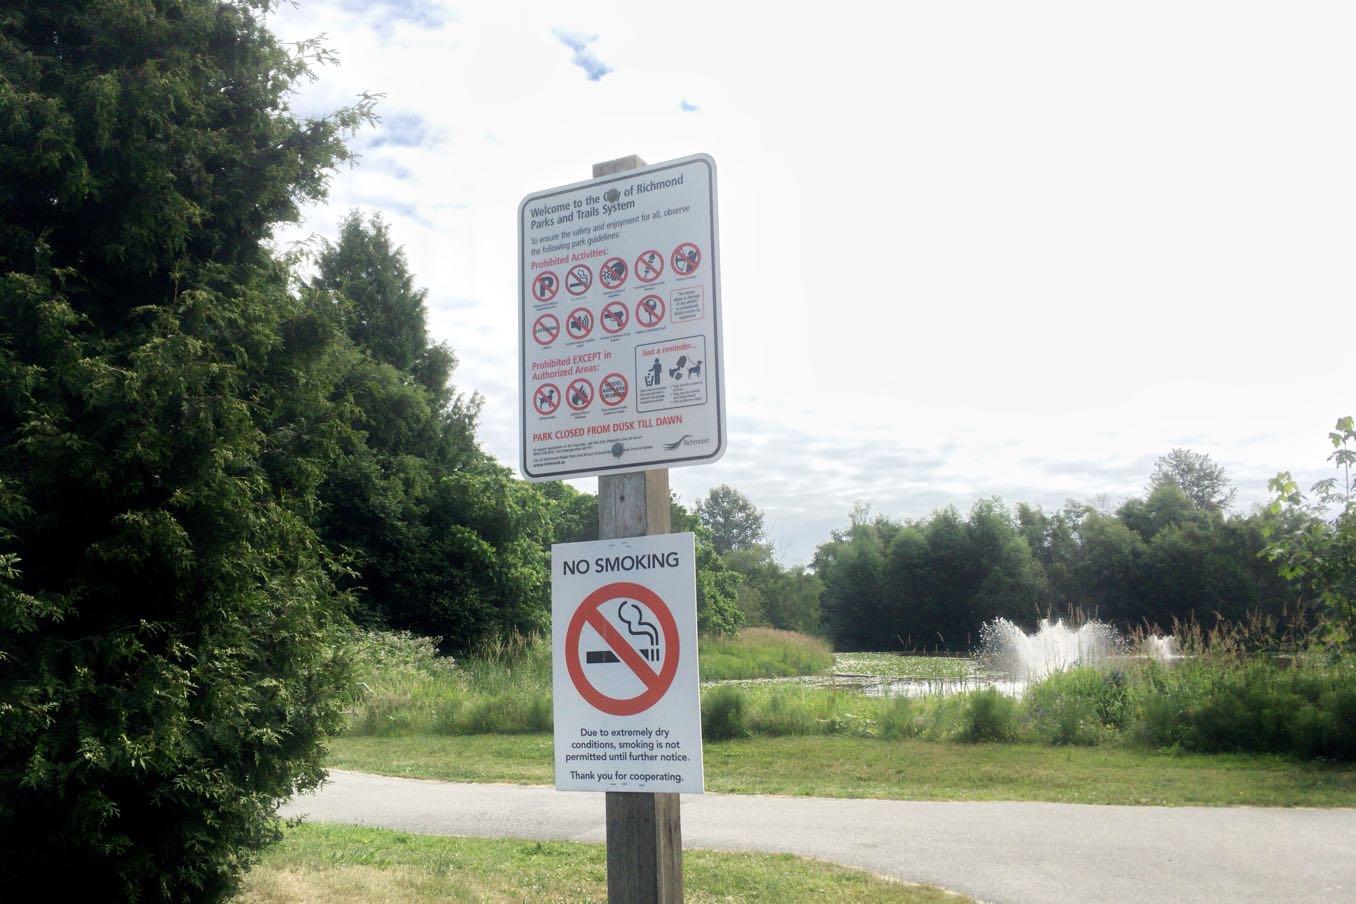 ふつうの公園も禁煙